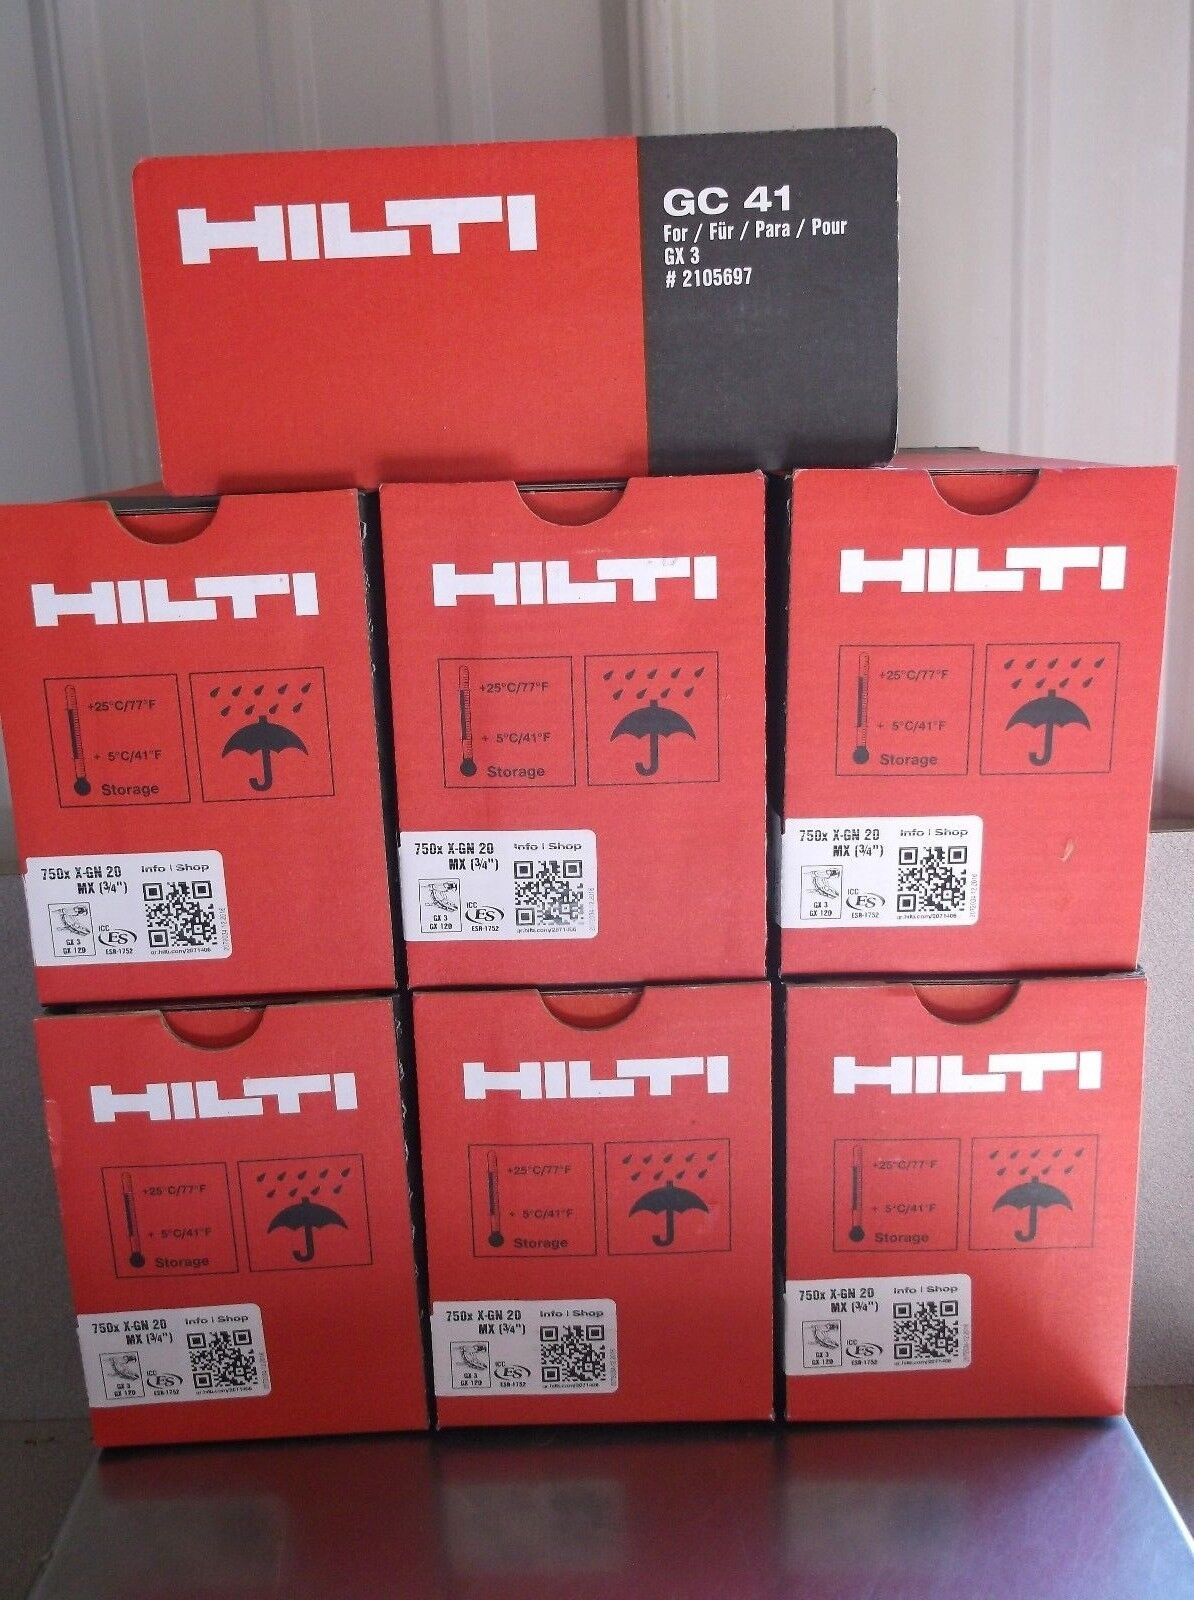 Hilti Gx 3 Pins Fuel Cells 4500 3/4 Pins 6 New Gc 41 Fuel Cells X-gn 20mx - $435.00